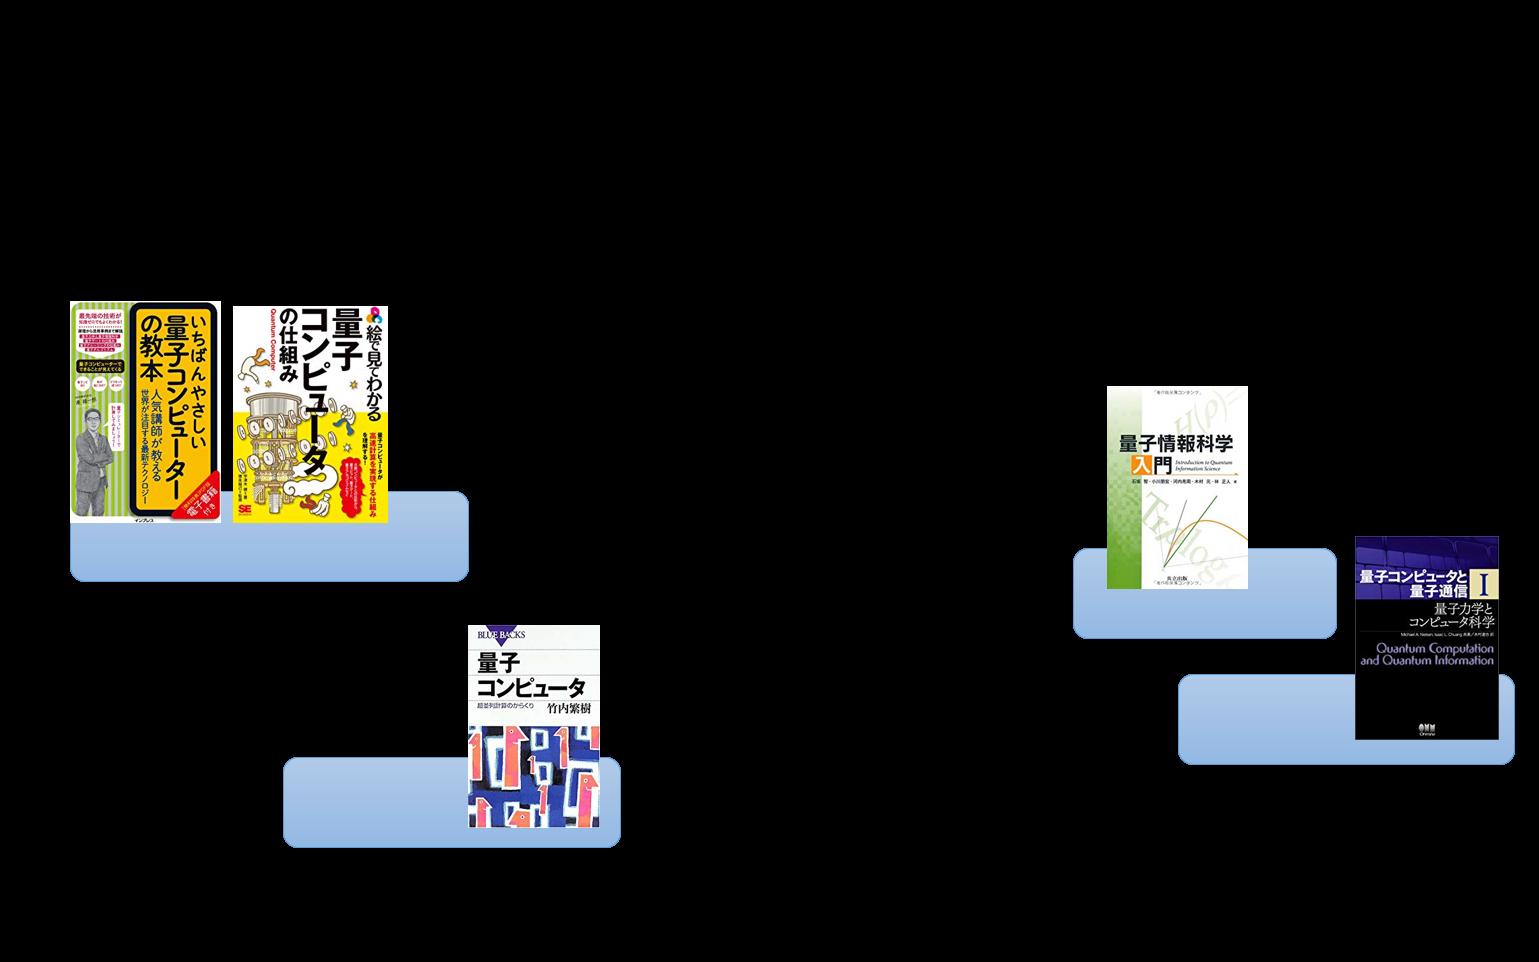 日本語の量子コンピュータ書籍のレベル感.png